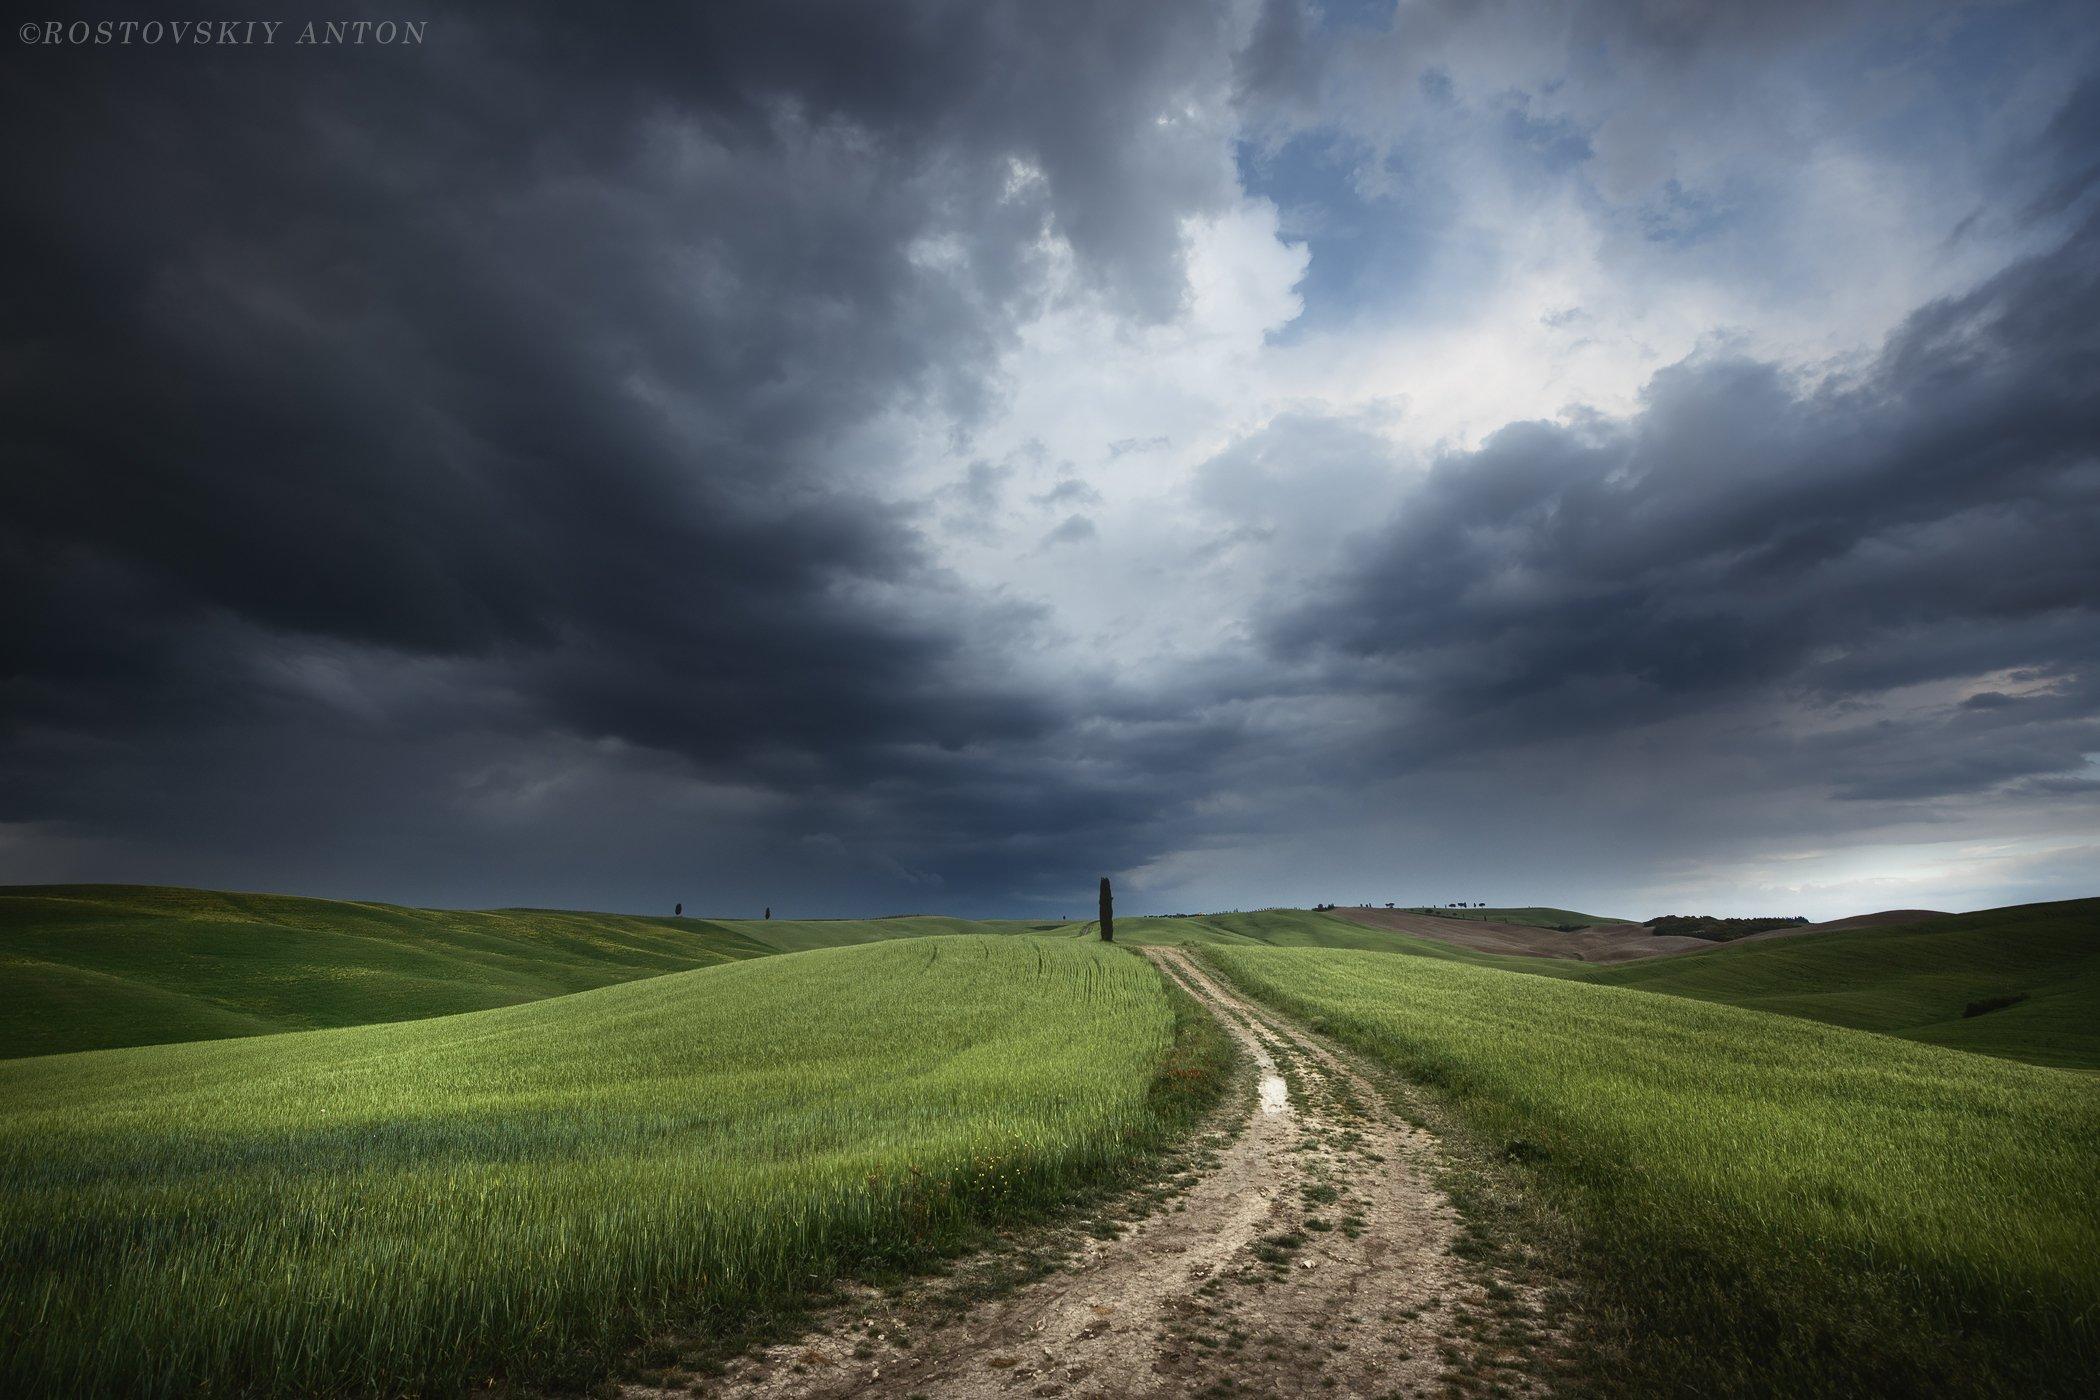 Тоскна, фототур, фотопутешествие, Италия, гроза, облака, небо, мая, Антон Ростовский